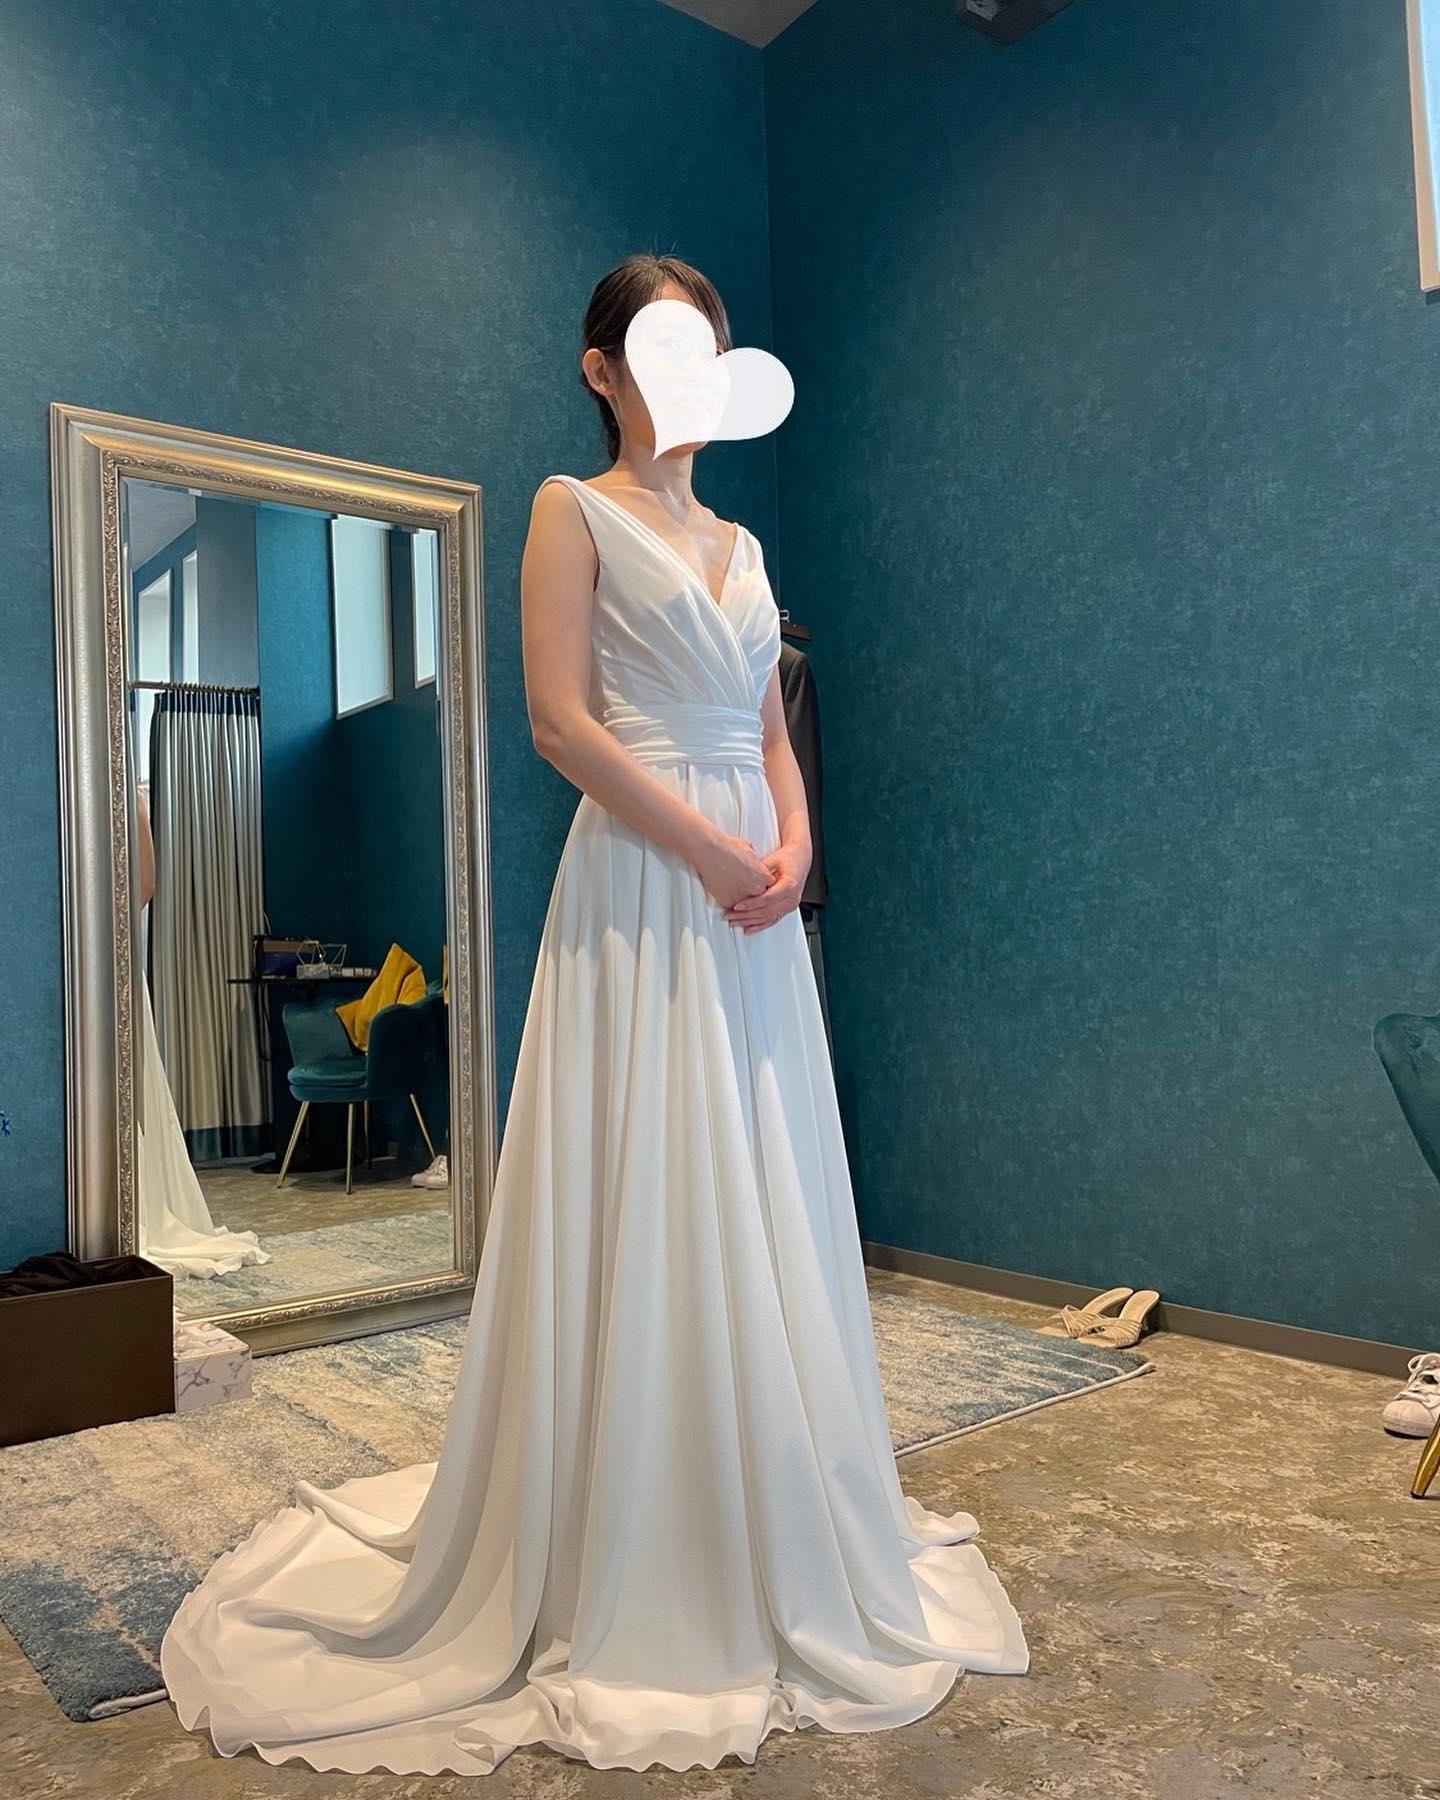 """・先日のご試着のお客様🕊シンプルなVネックのスレンダーに総レースのオーバードレスをレイヤード🤍・一着のドレスをシーンに合わせてアレンジしてみませんか・こちらのdressは近日某雑誌にも掲載される予定です・""""JOHANA """"購入価格:¥280,000""""over dress""""購入価格:¥90,000・#wedding #weddingdress #instagood #instalike #claras #paris #ウェディングドレス #プレ花嫁 #ドレス試着 #ドレス迷子#2021冬婚 #ヘアメイク #結婚式  #ドレス選び #前撮り #インポートドレス #フォトウェディング #ウェディングヘア  #フォト婚 #ニューノーマル #ブライダルフォト #カップルフォト #ウェディングドレス探し #ウェディングドレス試着 #セルドレス #ドレスショップ  #クラシカルドレス #ホテルウェディング #オーバードレス"""